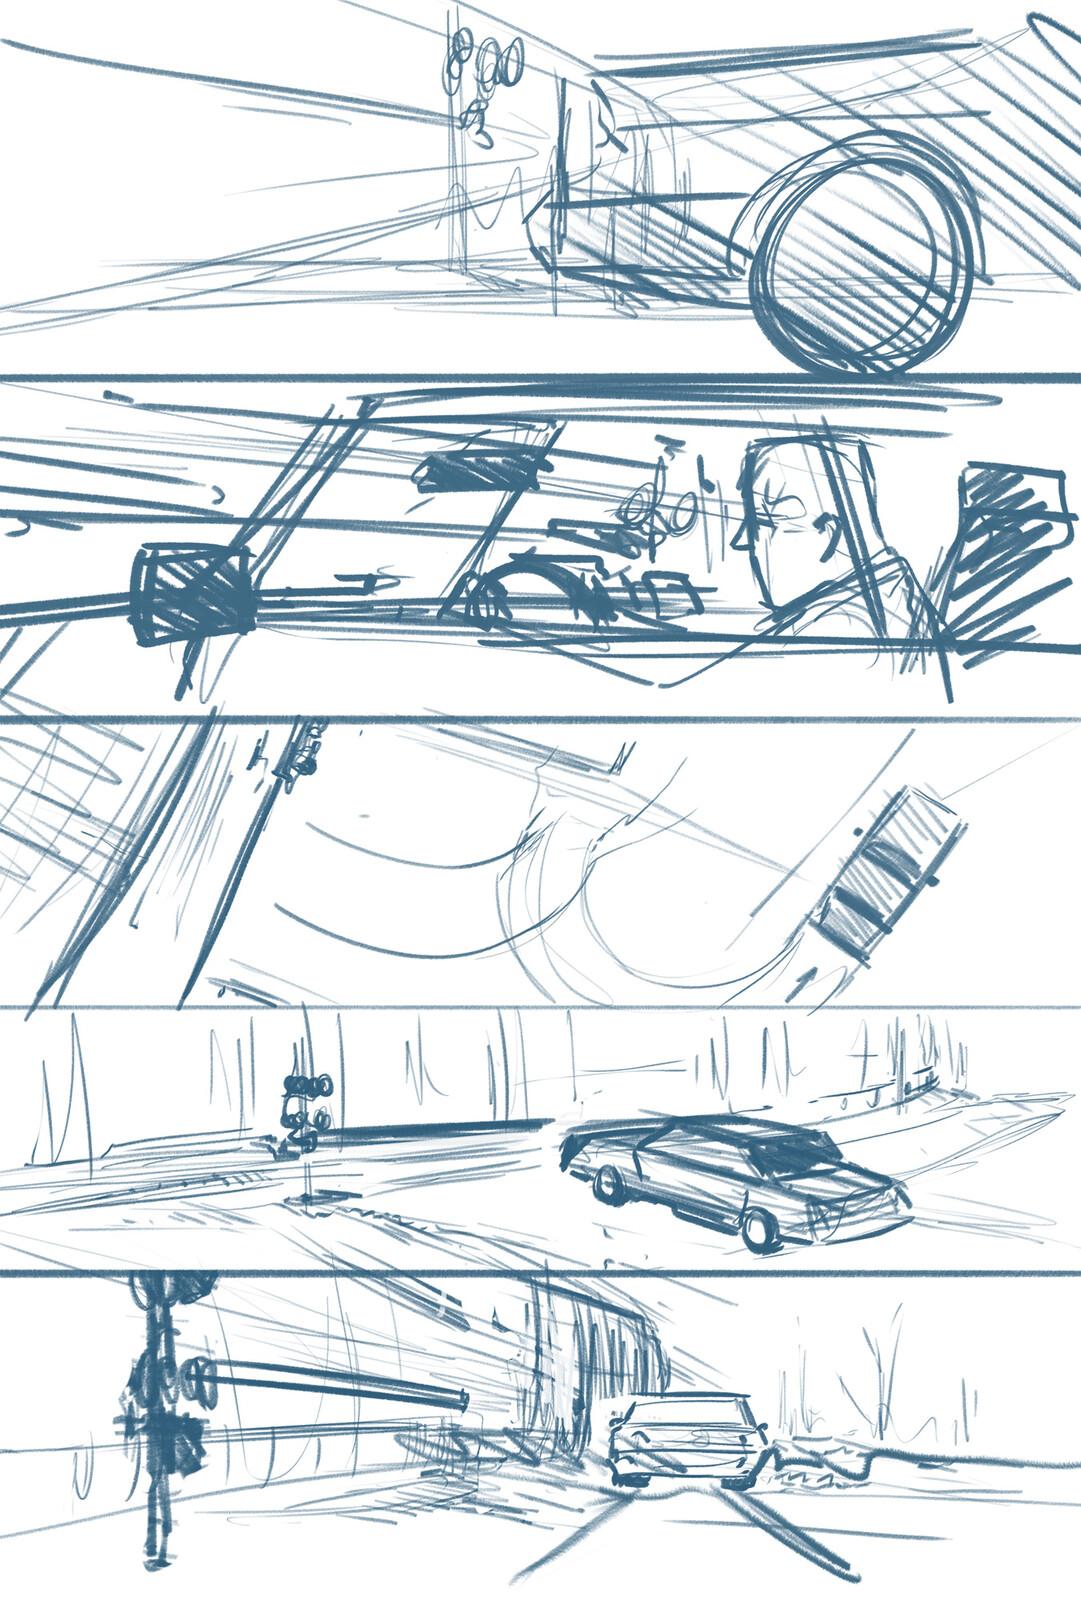 page 1 - thumbnail